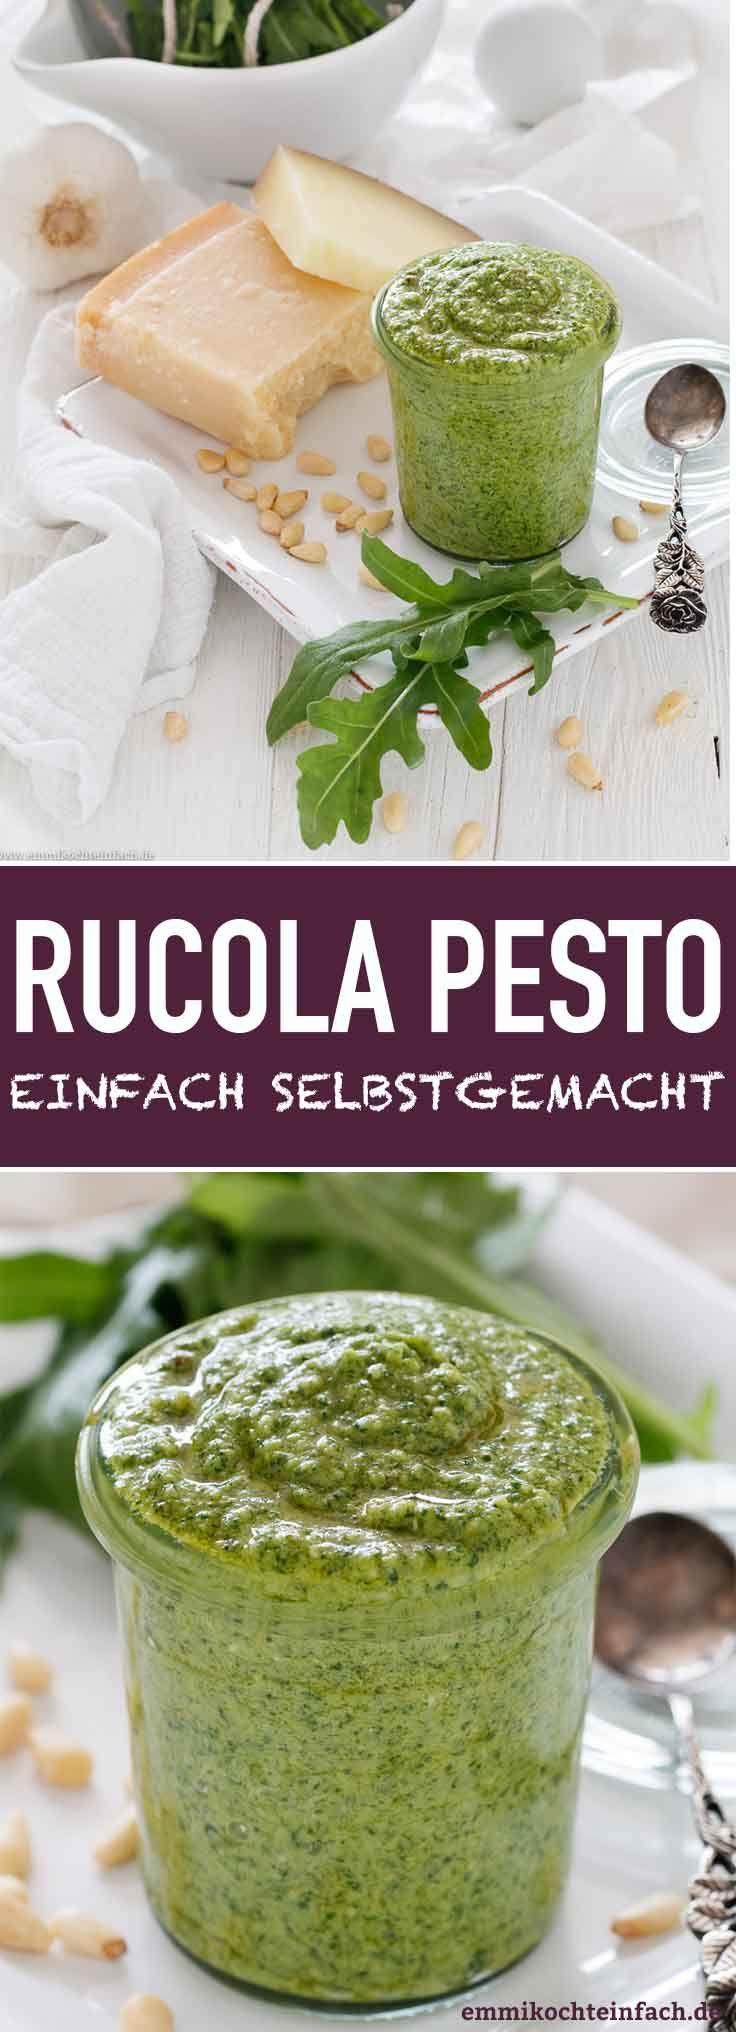 Rucola Pesto - schnell & einfach selbstgemacht - emmikochteinfach